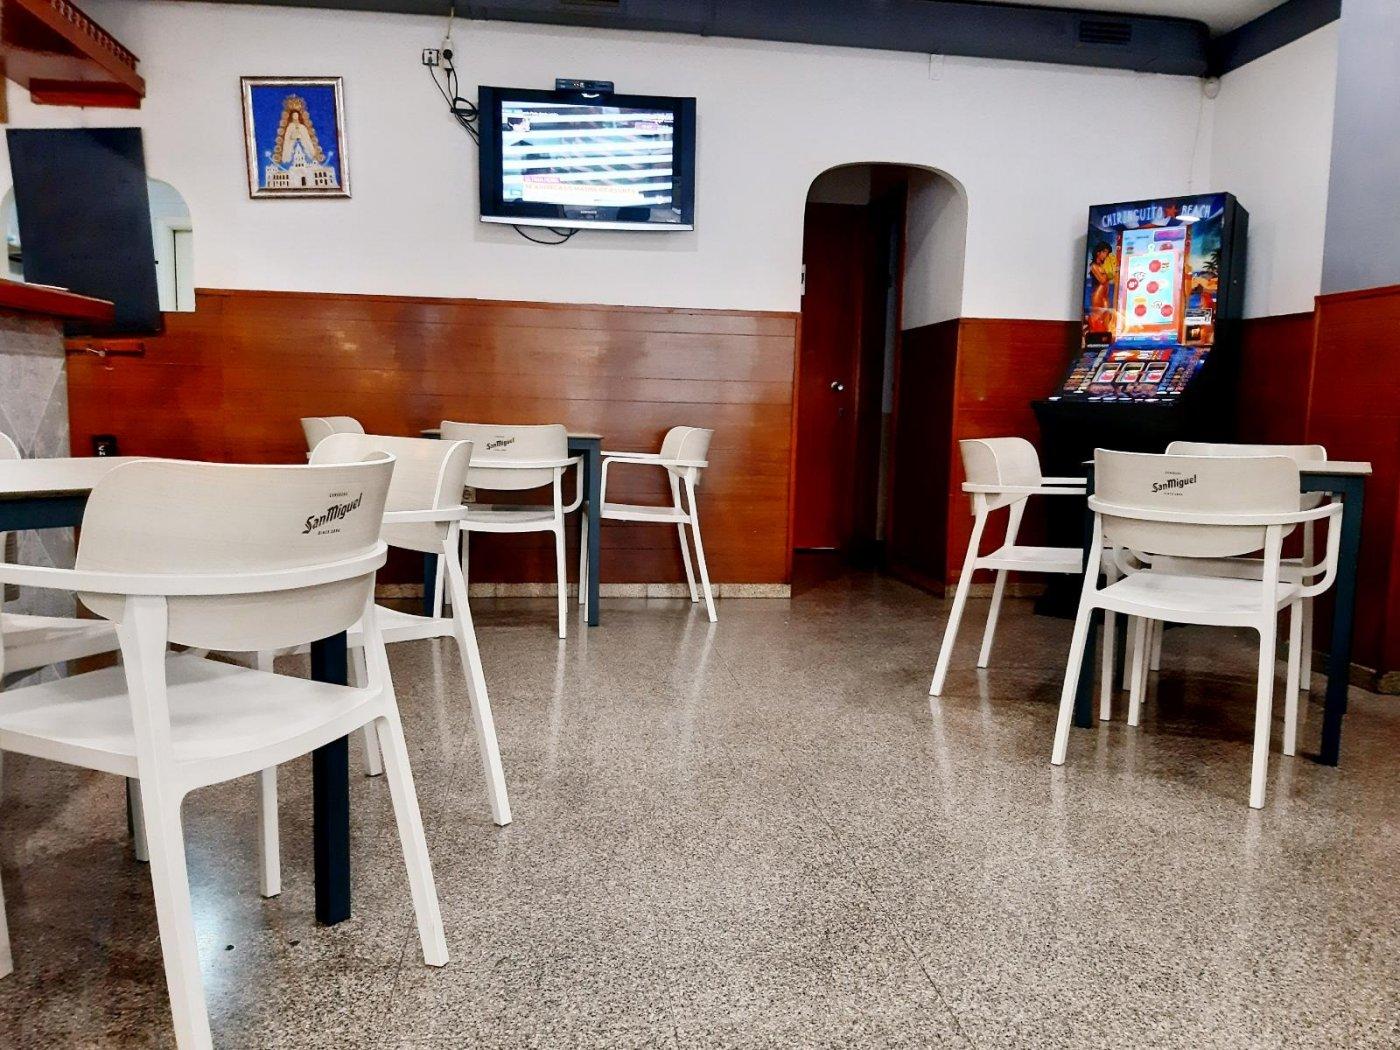 Oportunidad de traspaso de bar en excelente ubicación. centro de palma - imagenInmueble7